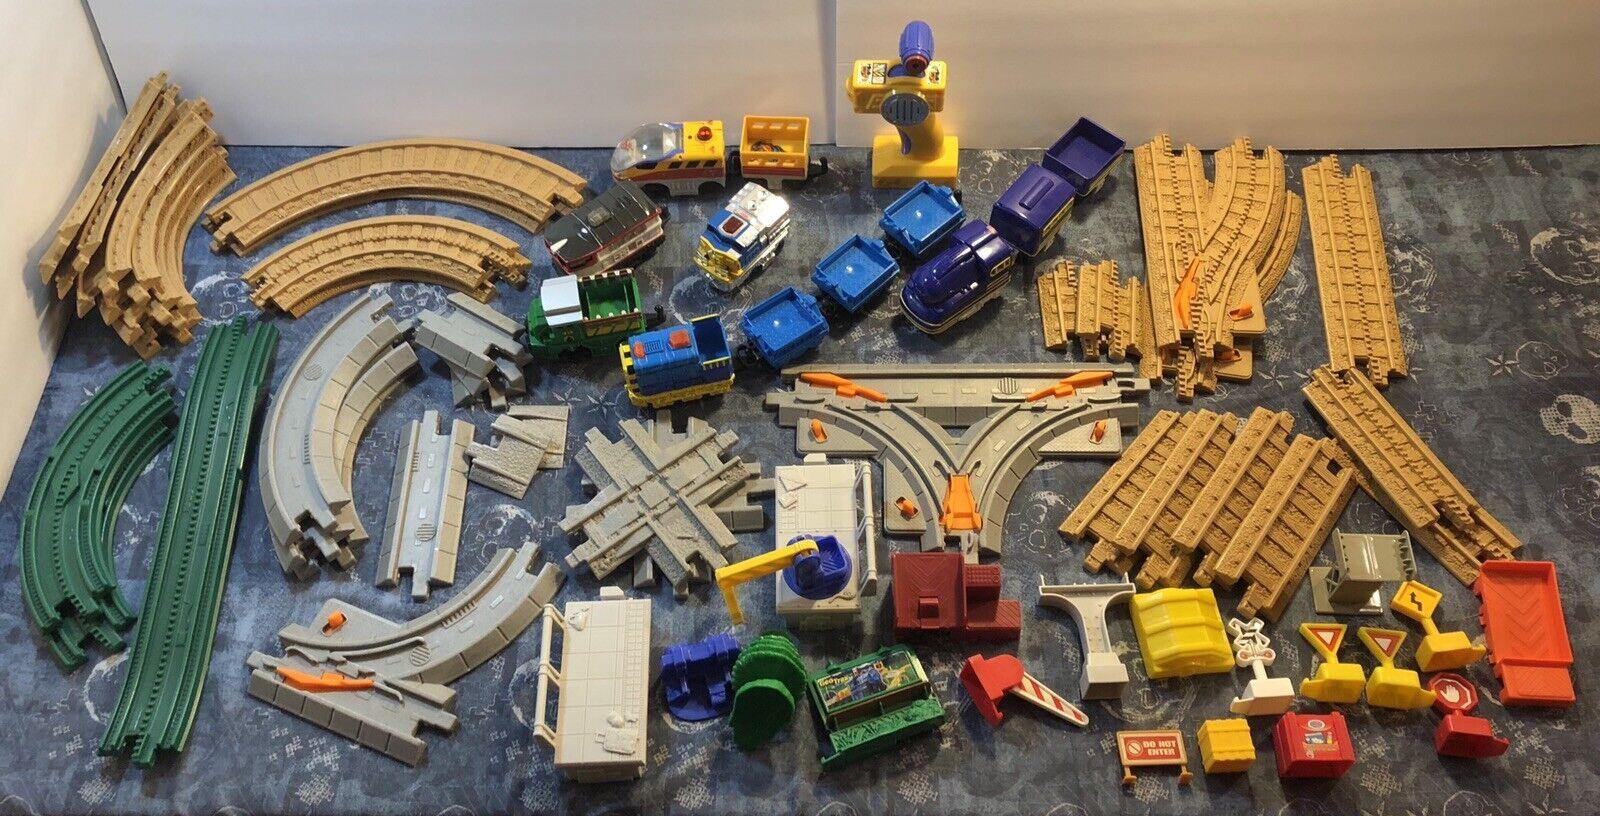 GeoTrax Train Tracks di massa Engines Remote pescatore prezzo Mattel